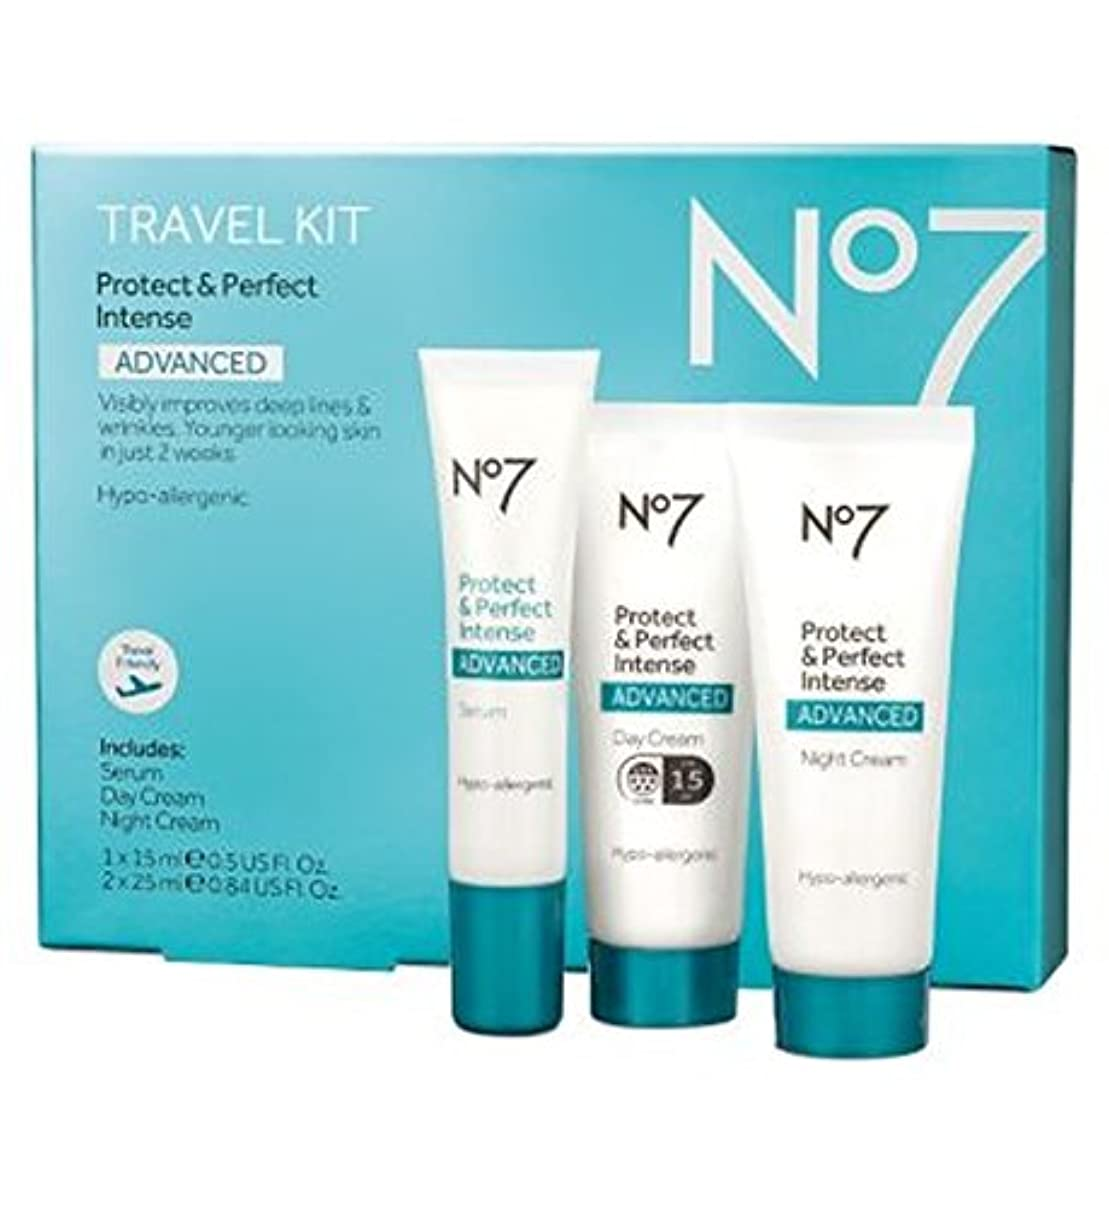 緩やかな授業料買い手No7 Protect & Perfect Intense ADVANCED Travel Kit - No7保護&完璧な強烈な高度な旅行キット (No7) [並行輸入品]